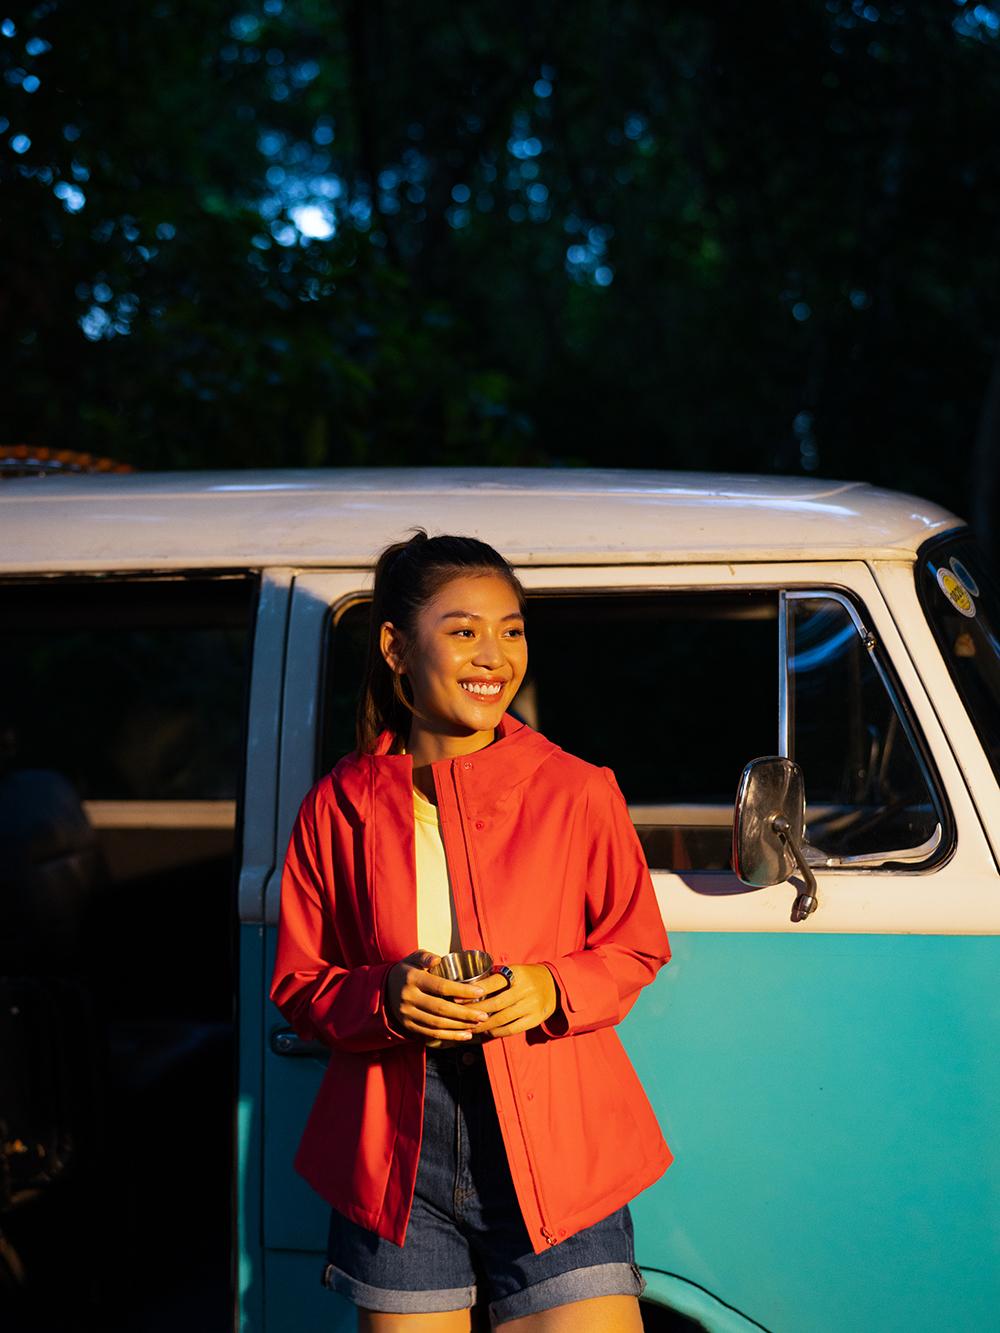 người mẫu mặc khoác màu đỏ của uniqlo